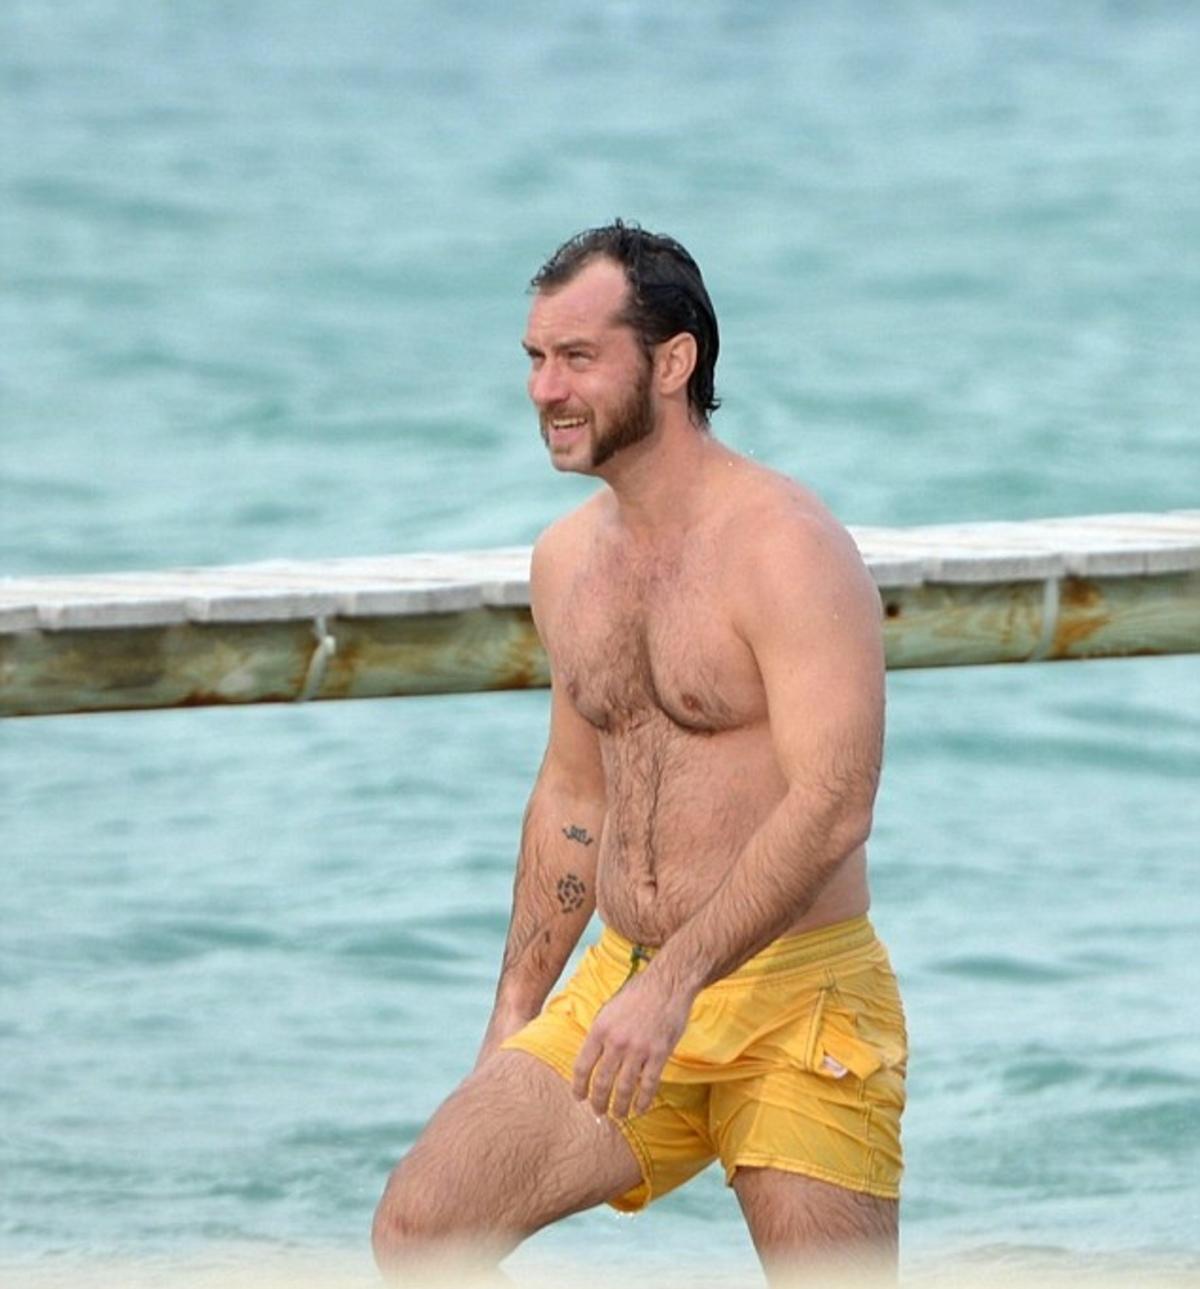 Κορίτσια sorry, αλλά ο  Jude Law άφησε γένια, πήρε κιλά και δεν θυμίζει σε τίποτα το γόη που ξέραμε… | Newsit.gr